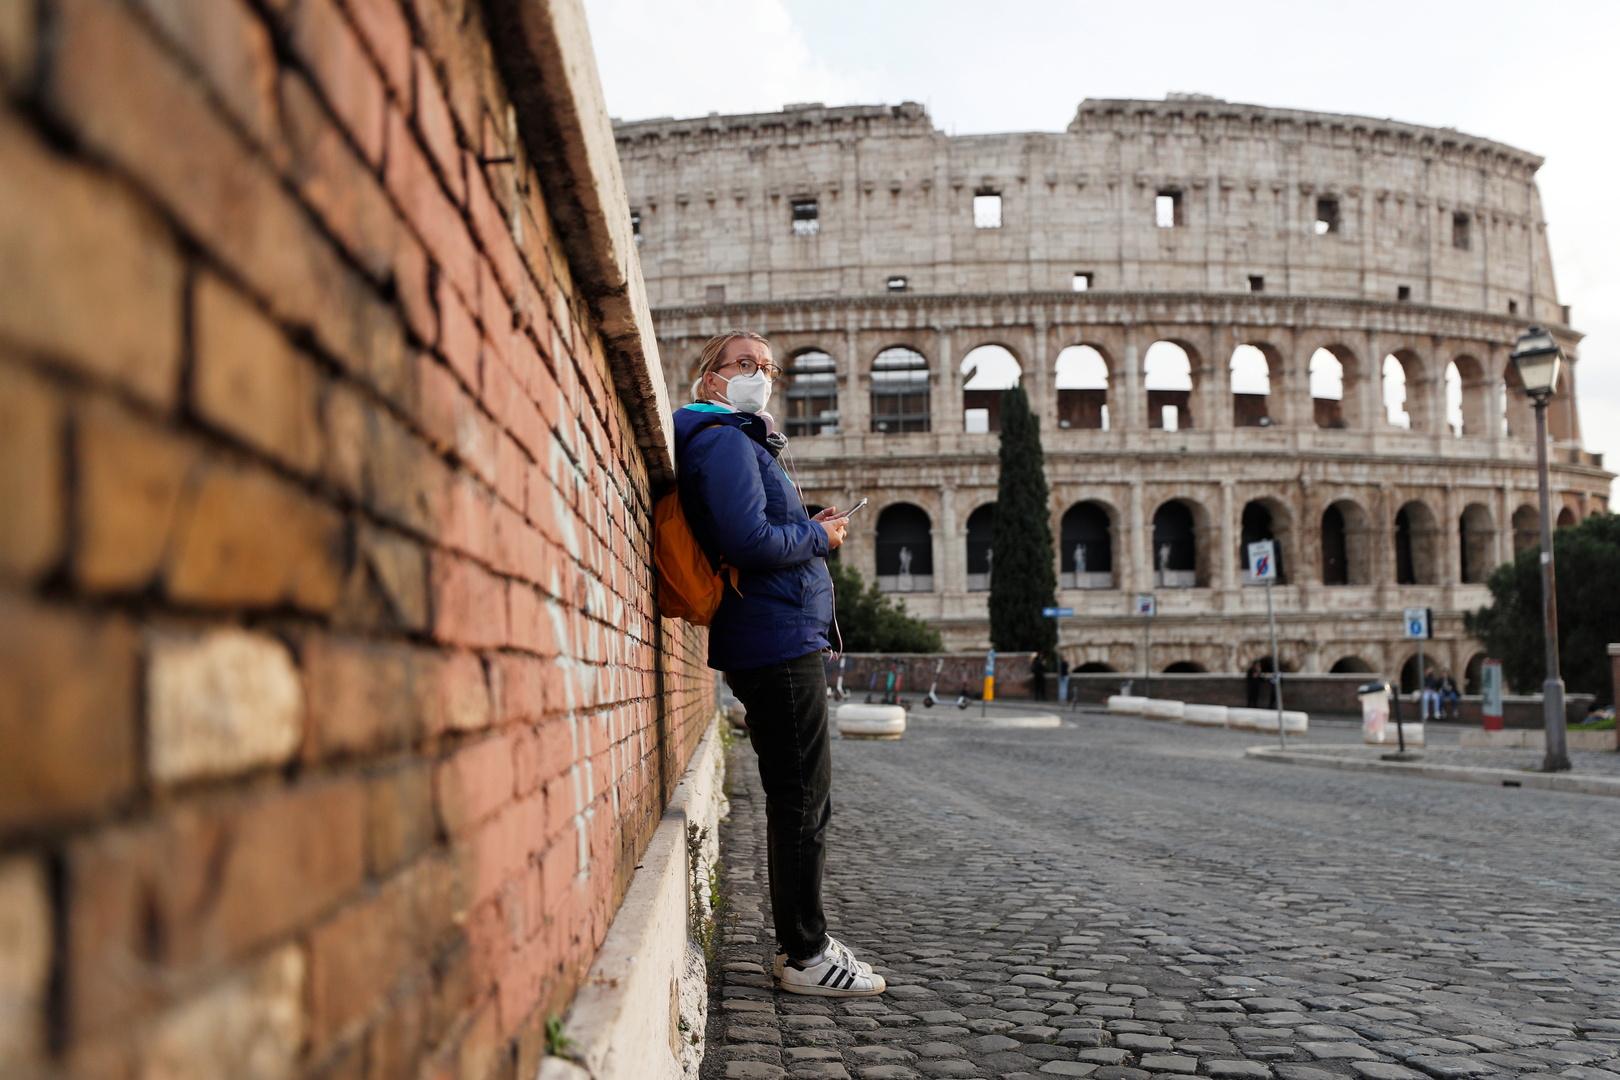 إيطاليا تسجل 139 وفاة ونحو 8 آلاف إصابة جديدة بكورونا